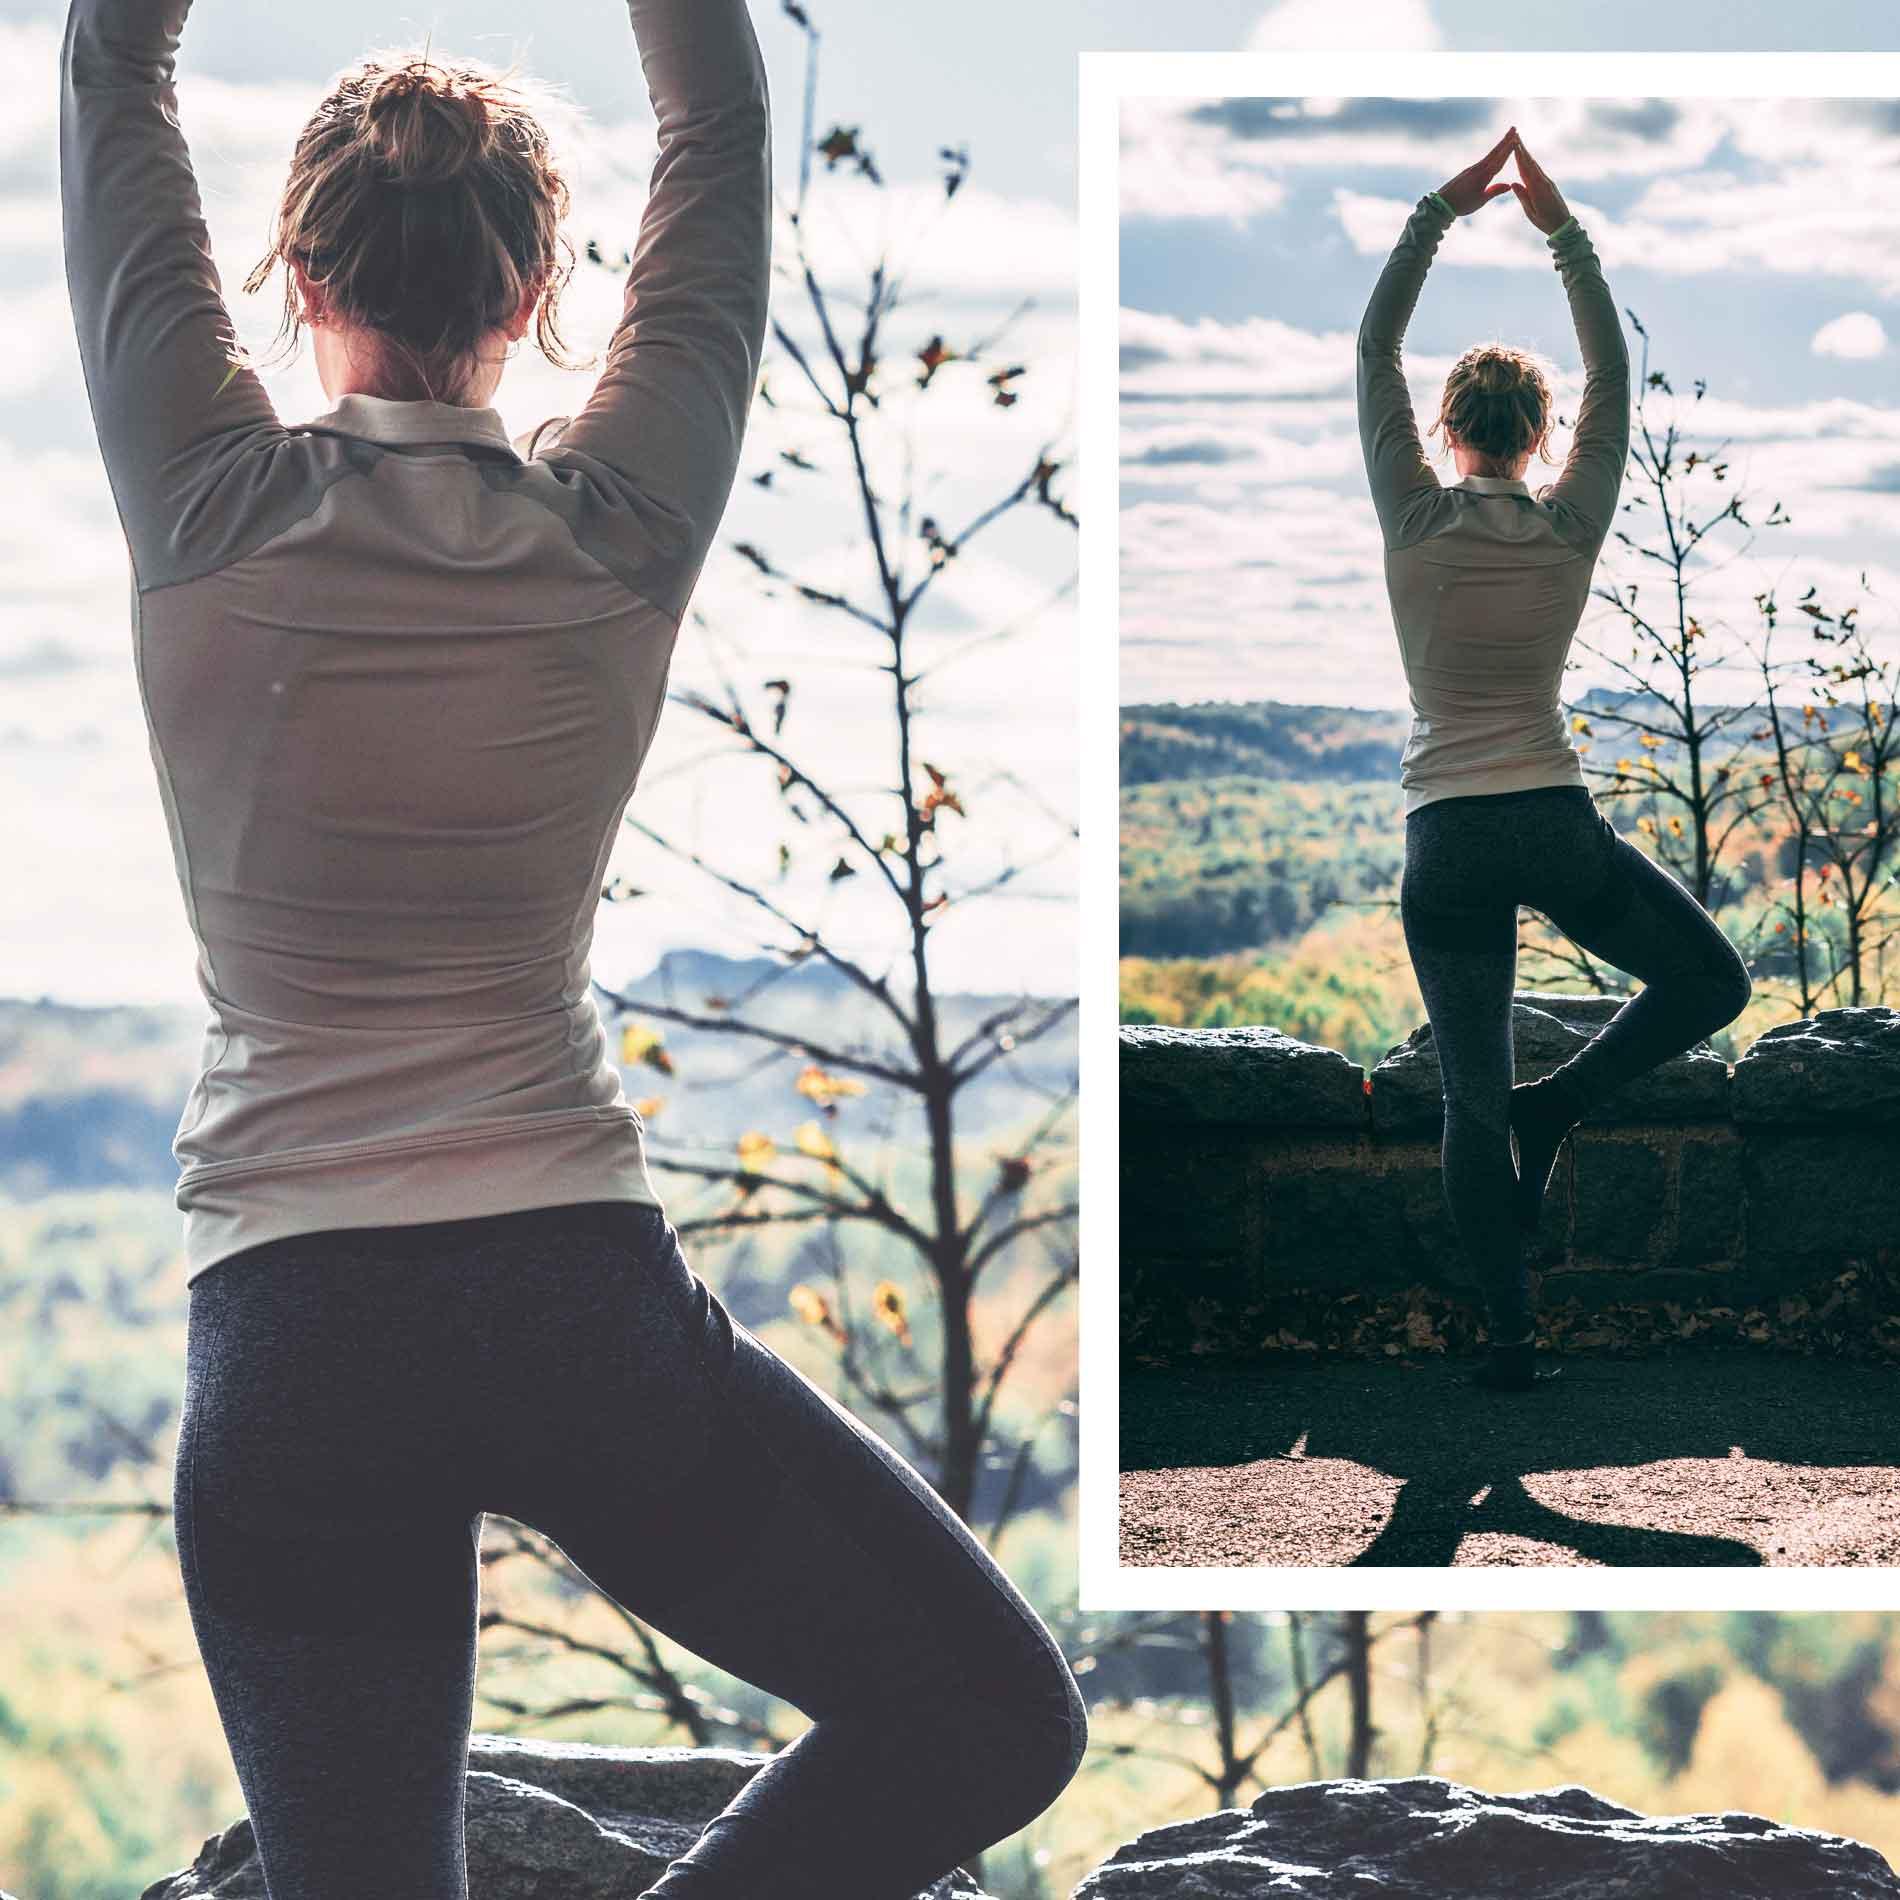 Treat Yourself, Auszeit gönnen, Achtsamkeit im Alltag, Pausen zwischendurch, Leben genießen, Achtsames Leben, gesundes Leben führen, warum Pausen so wichtig sind, Ruhe gönnen, Erholung für Körper und Geist, Mindset, Motivation